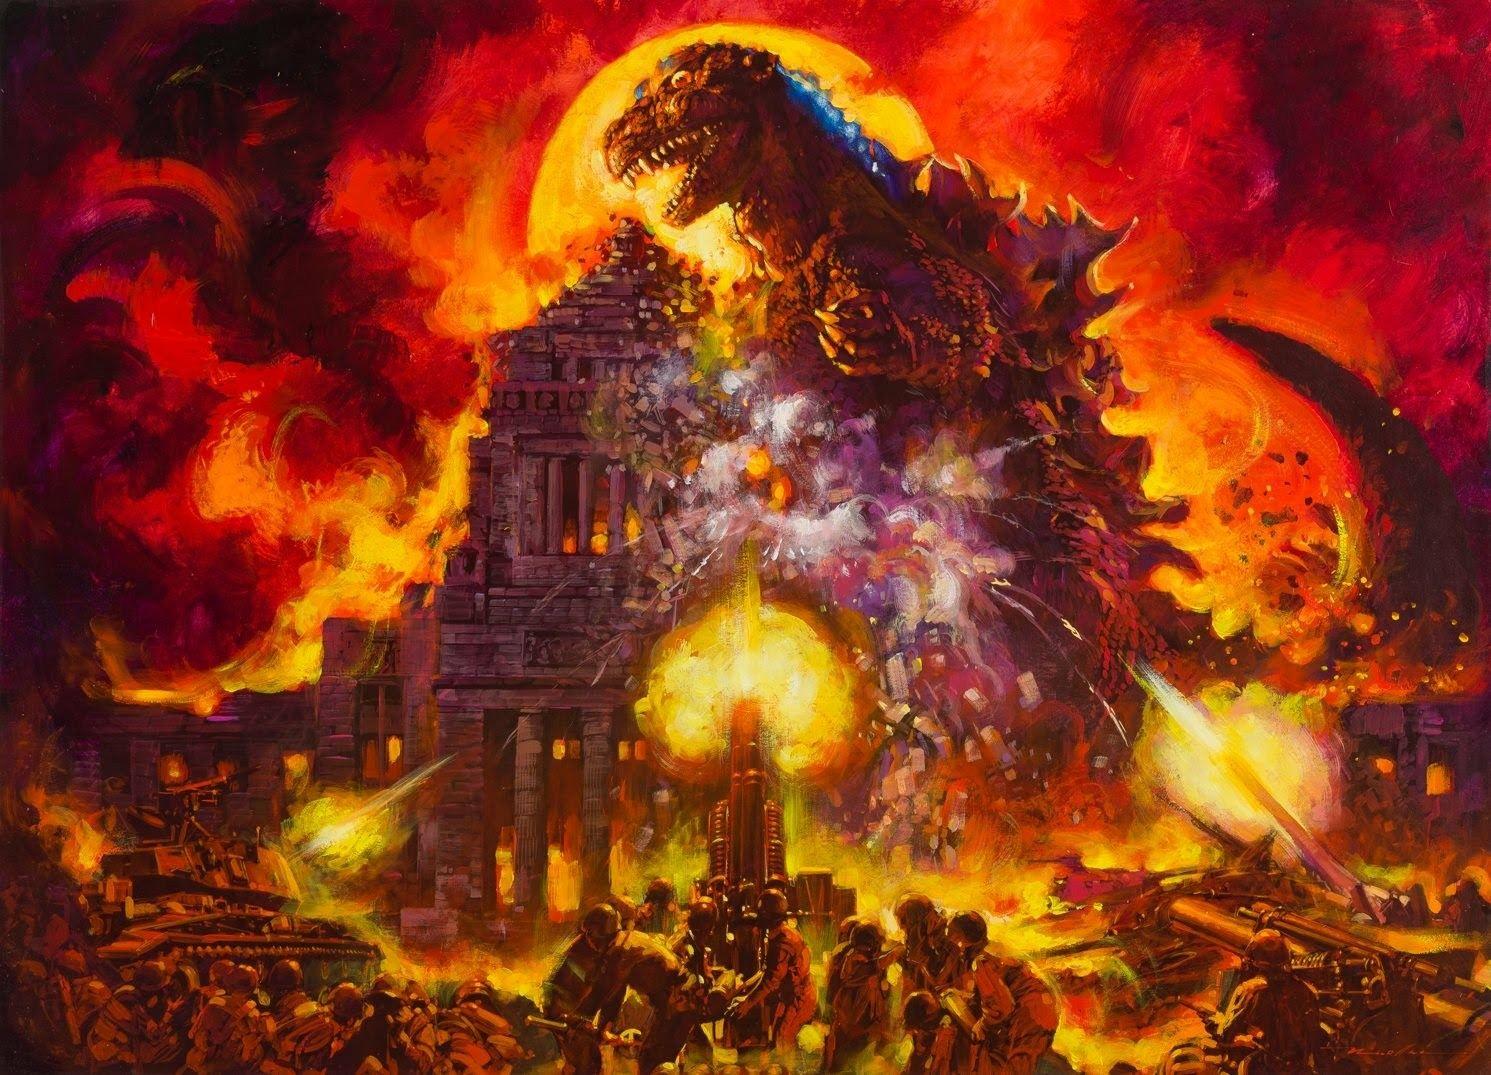 Pin by Masaaki Hosokawa on 生頼範義 Godzilla, Godzilla vs